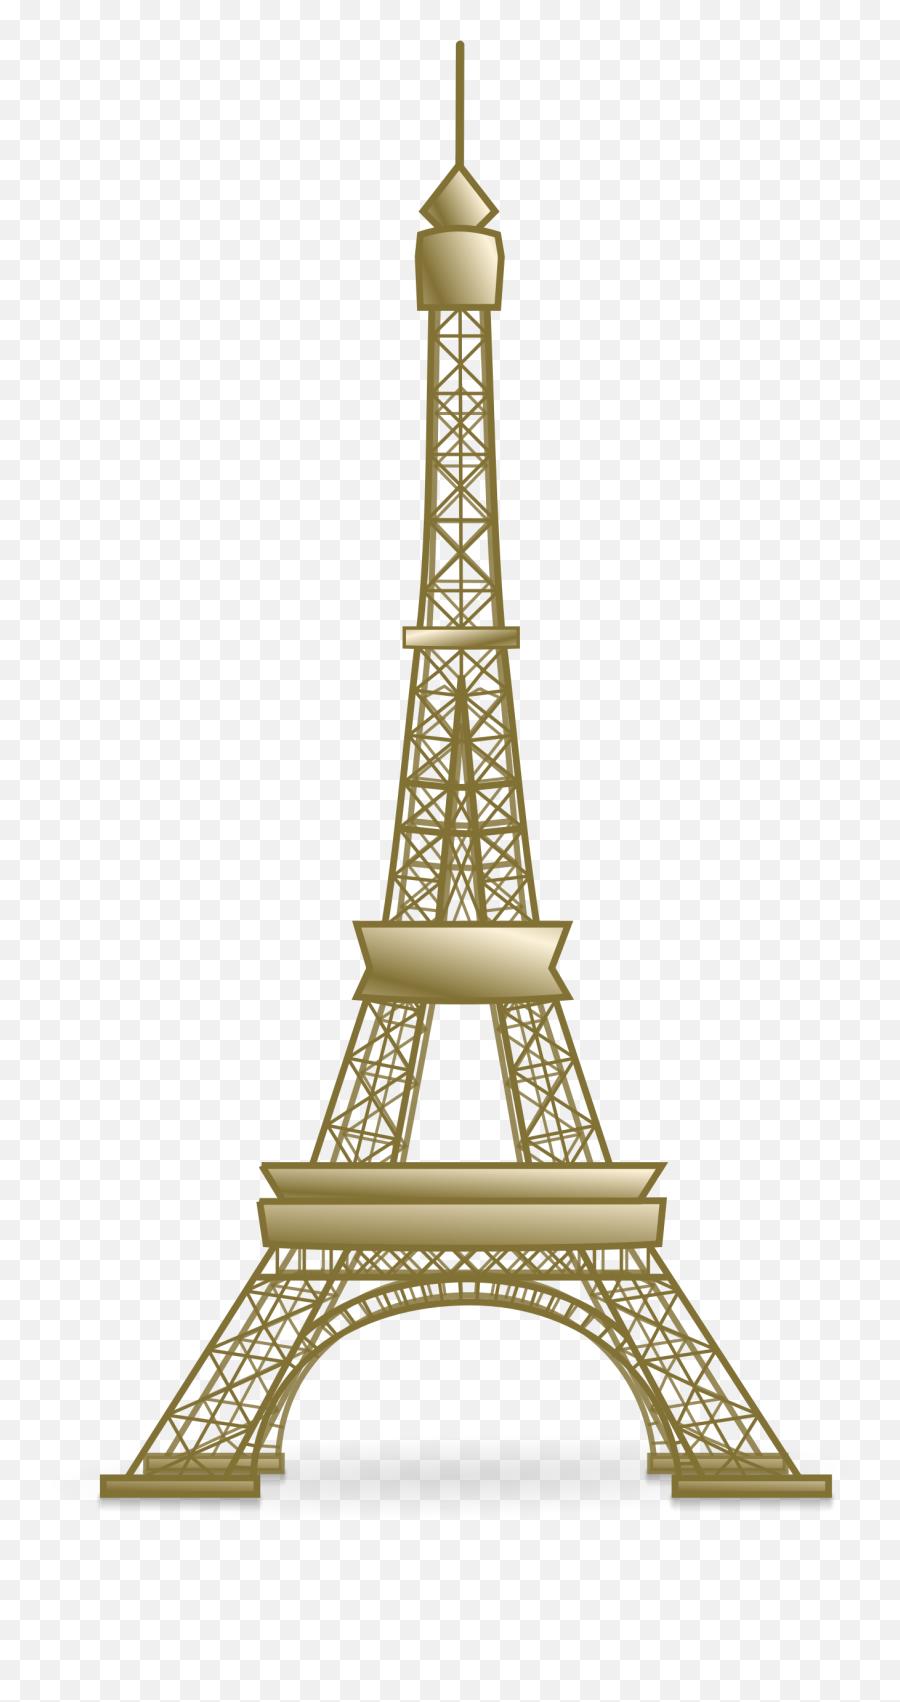 Other Clipart Eiffel Tower - Eiffel Tower Clip Art Emoji,Eiffel Tower Emoji